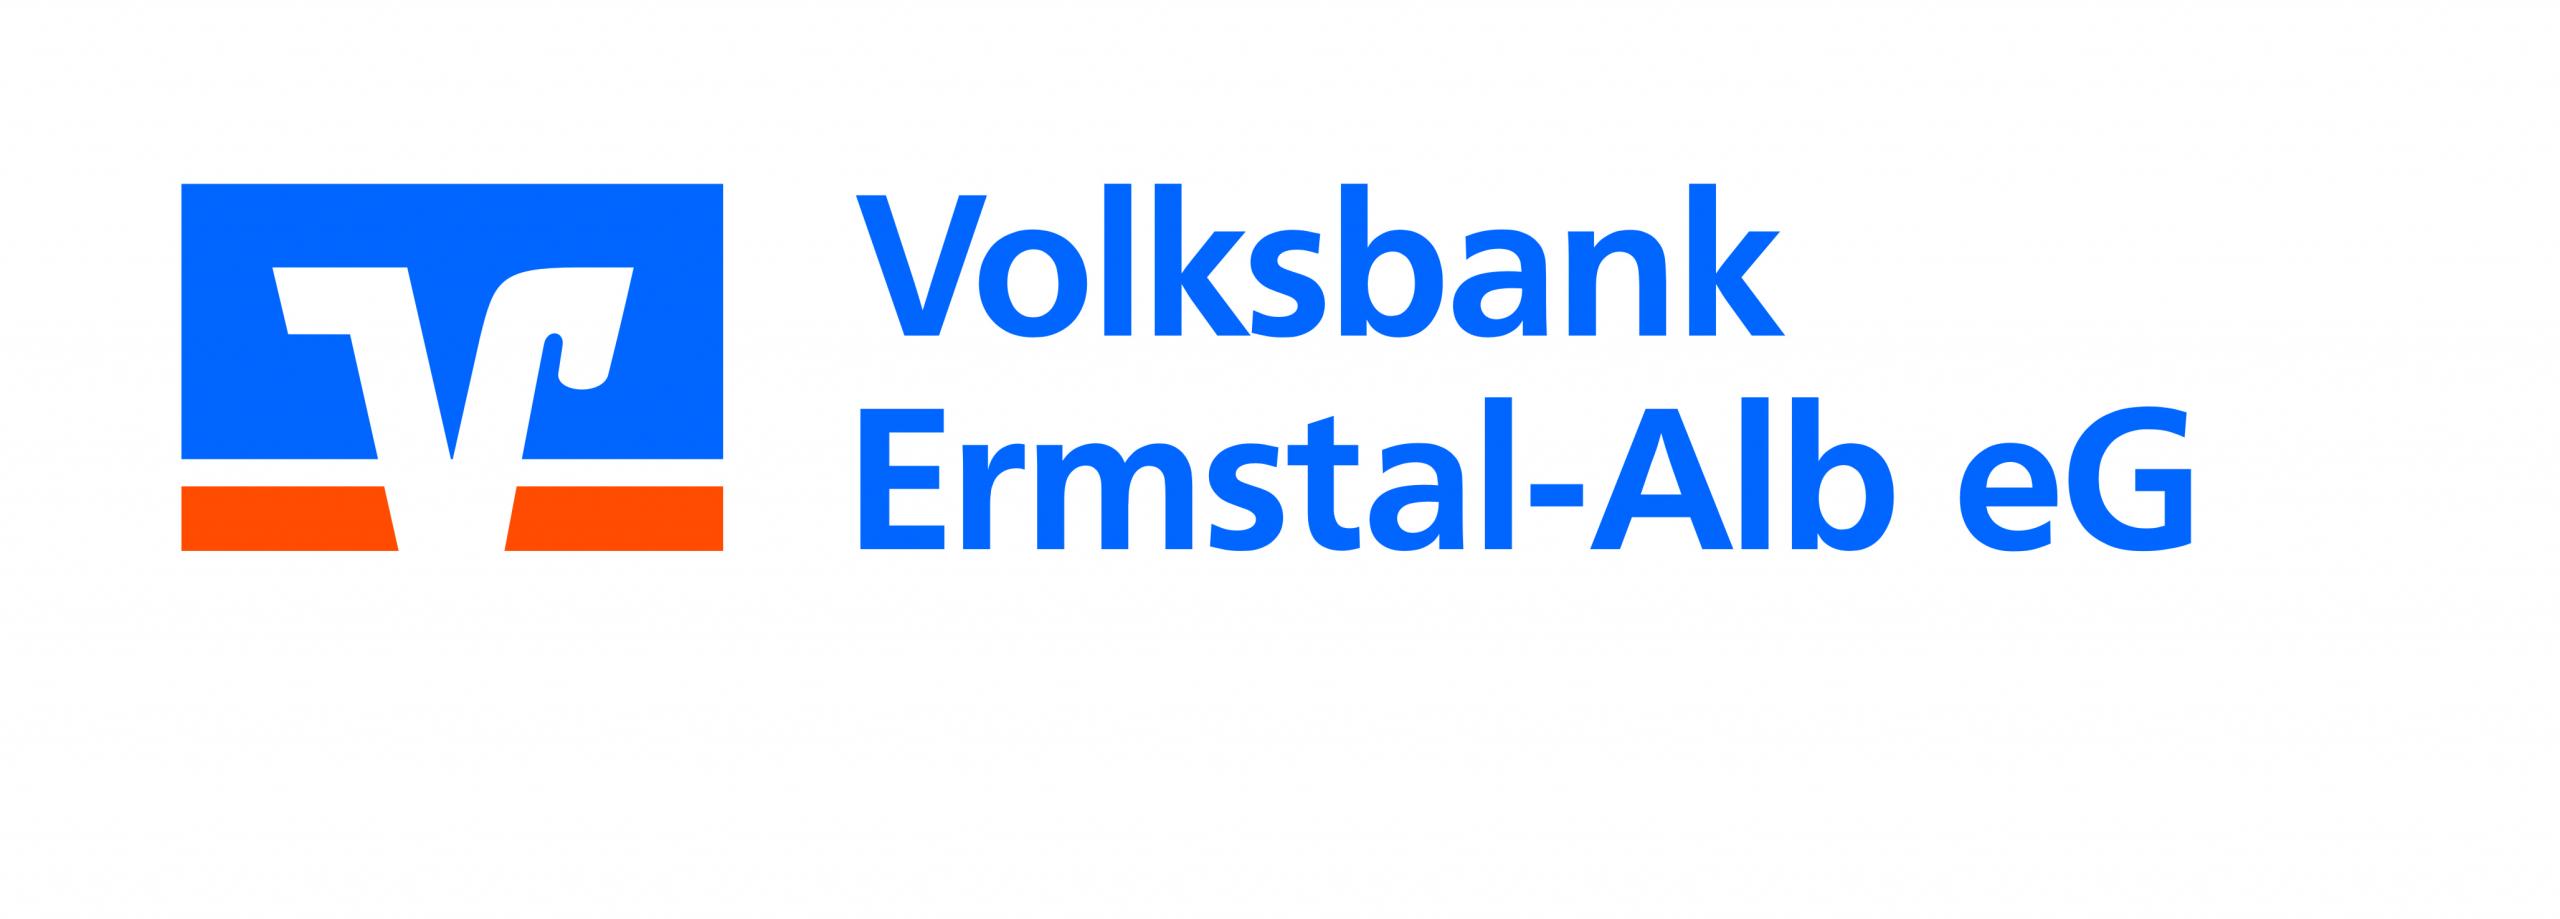 CI-Logo-Voba-Ermstal-Alb